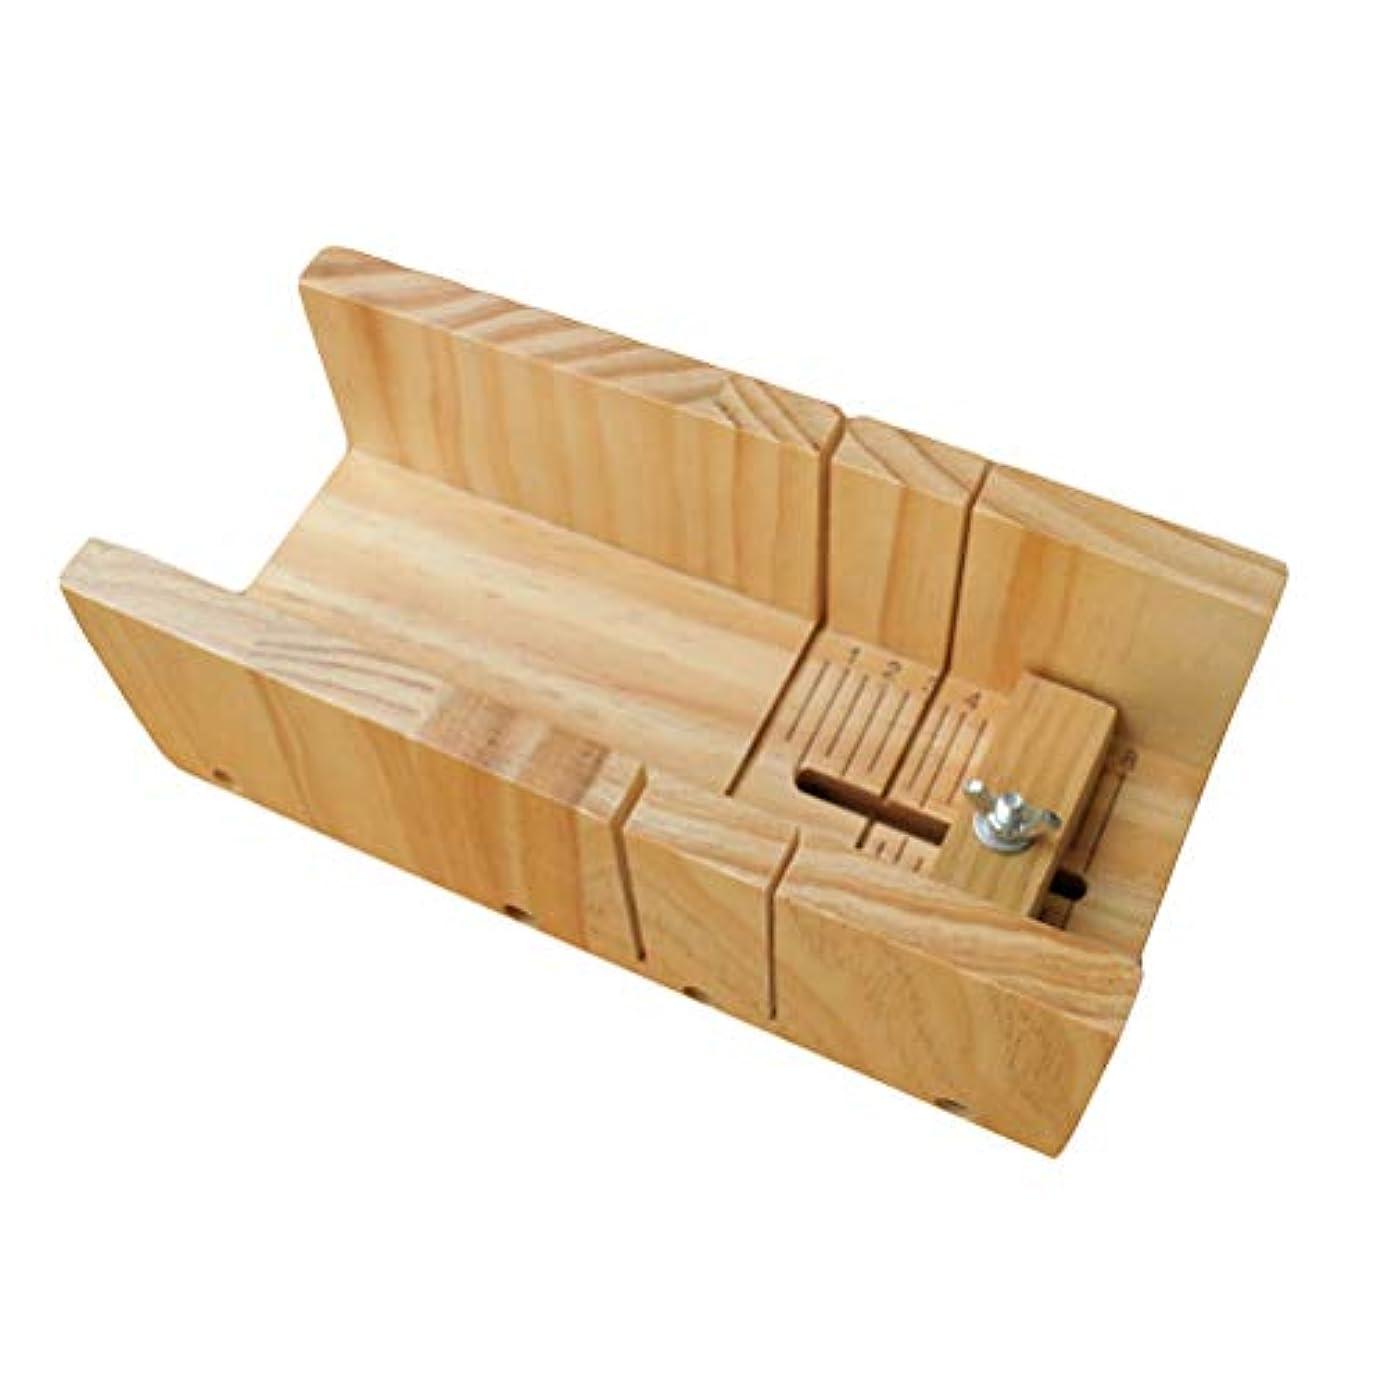 悲惨な穴相対サイズOUNONA ウッドソープロープカッターモールドプレミアム調整可能カッターモールドボックスソープ(木製カラー)